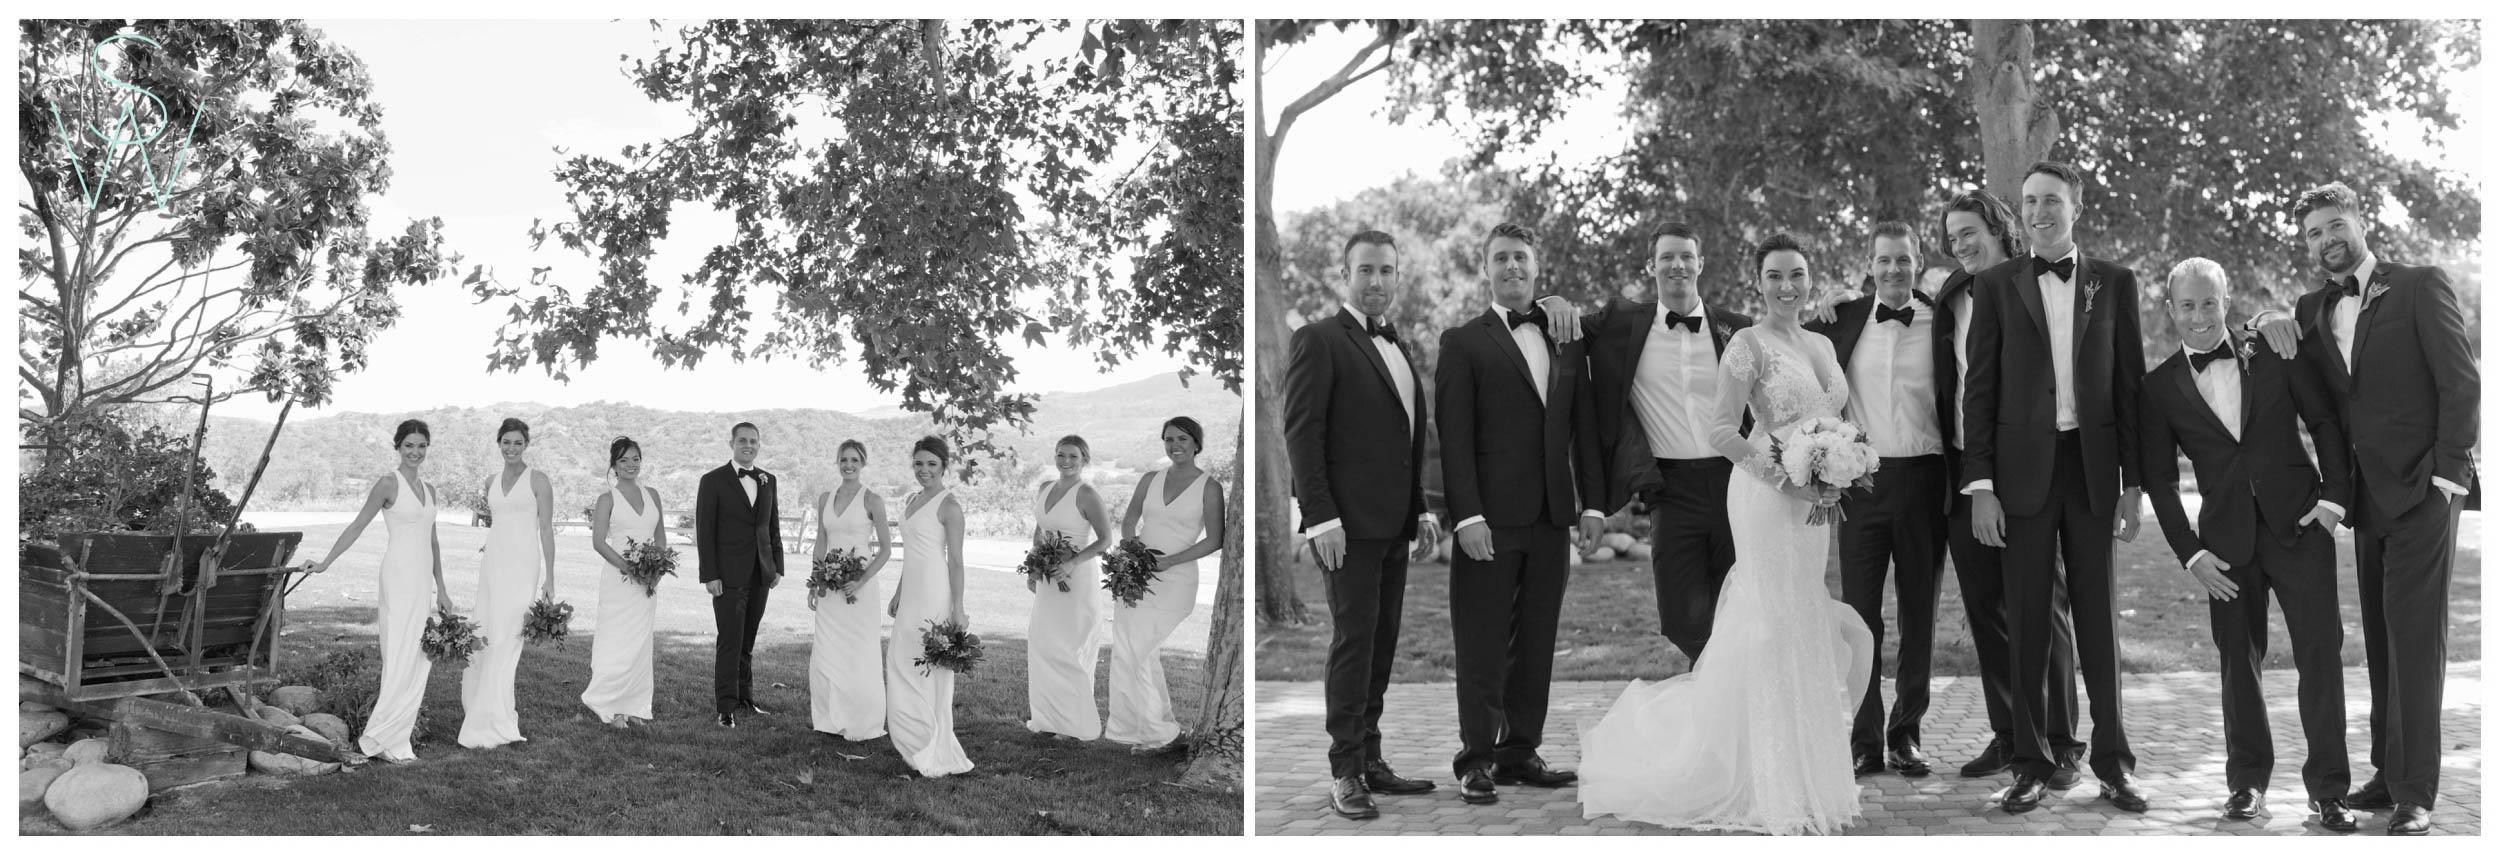 Shewanders.san_.diego_.wedding.photography.private.estate.tara_.jason-3819.jpg.diego_.wedding.photography.private.estate.tara_.jason-381.jpg